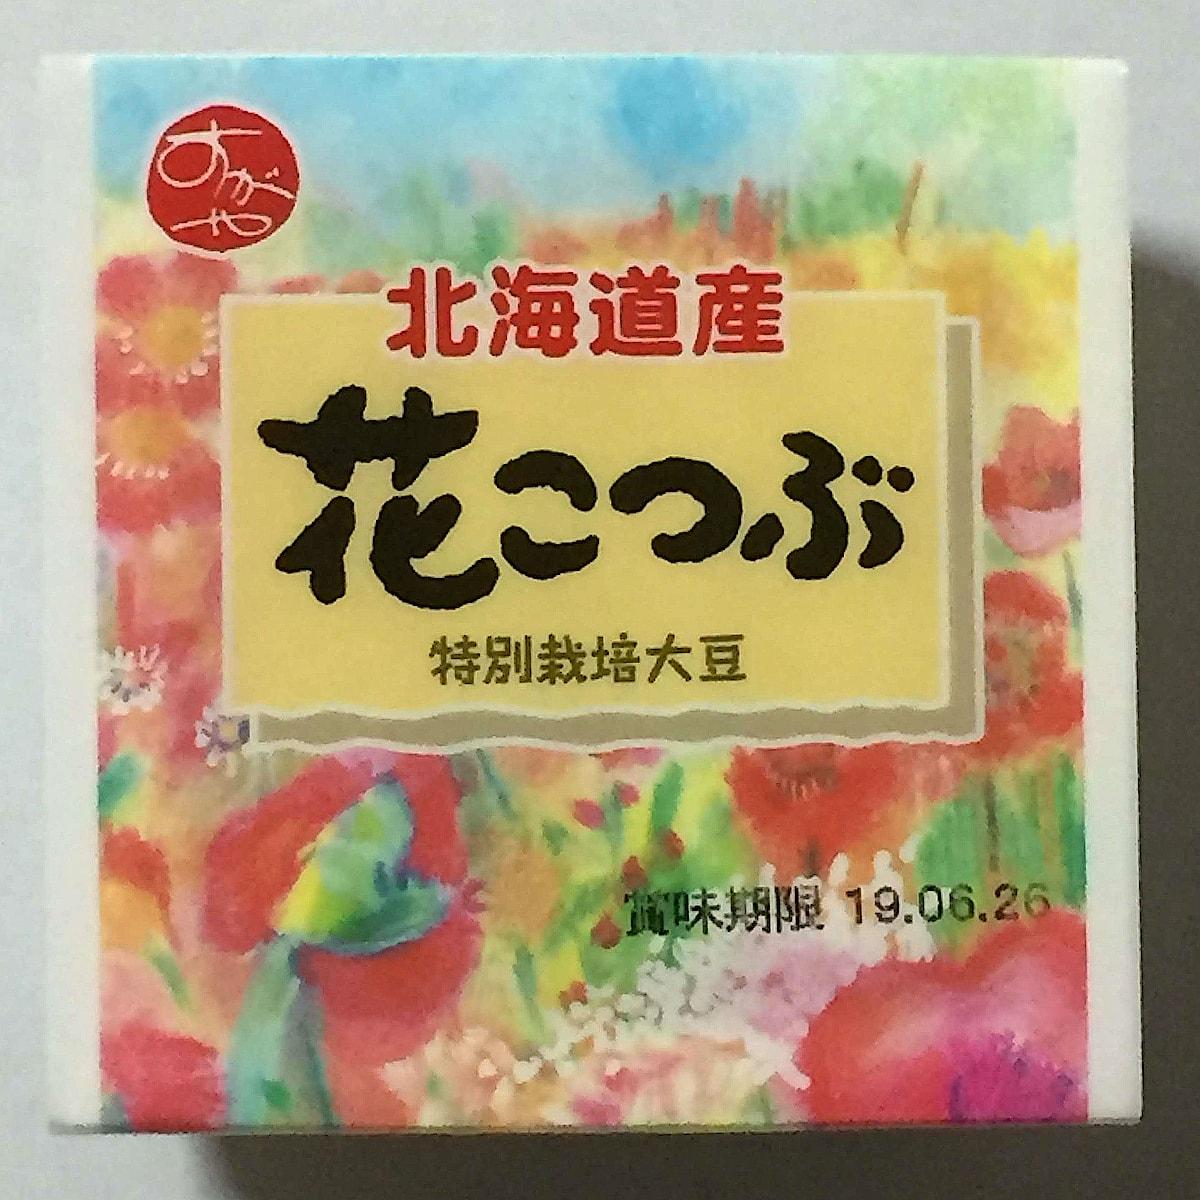 菅谷食品「花こつぶ」